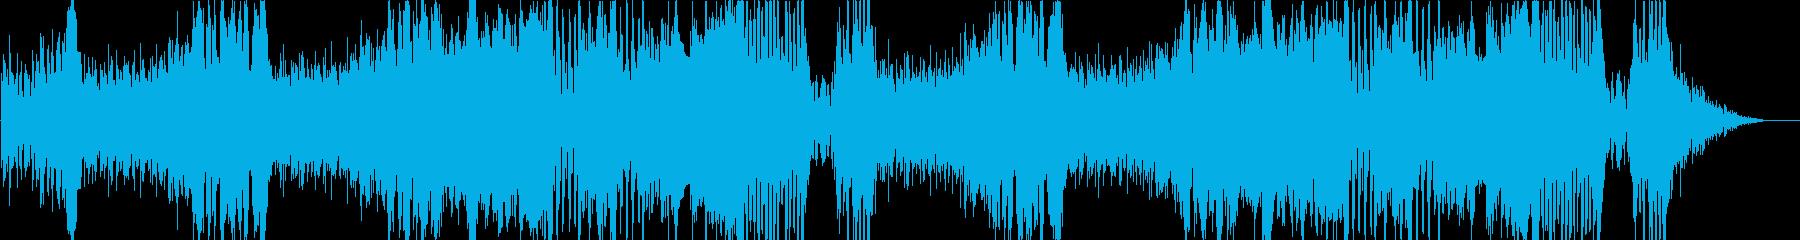 オーケストラ戦闘曲 ドラム入りの再生済みの波形